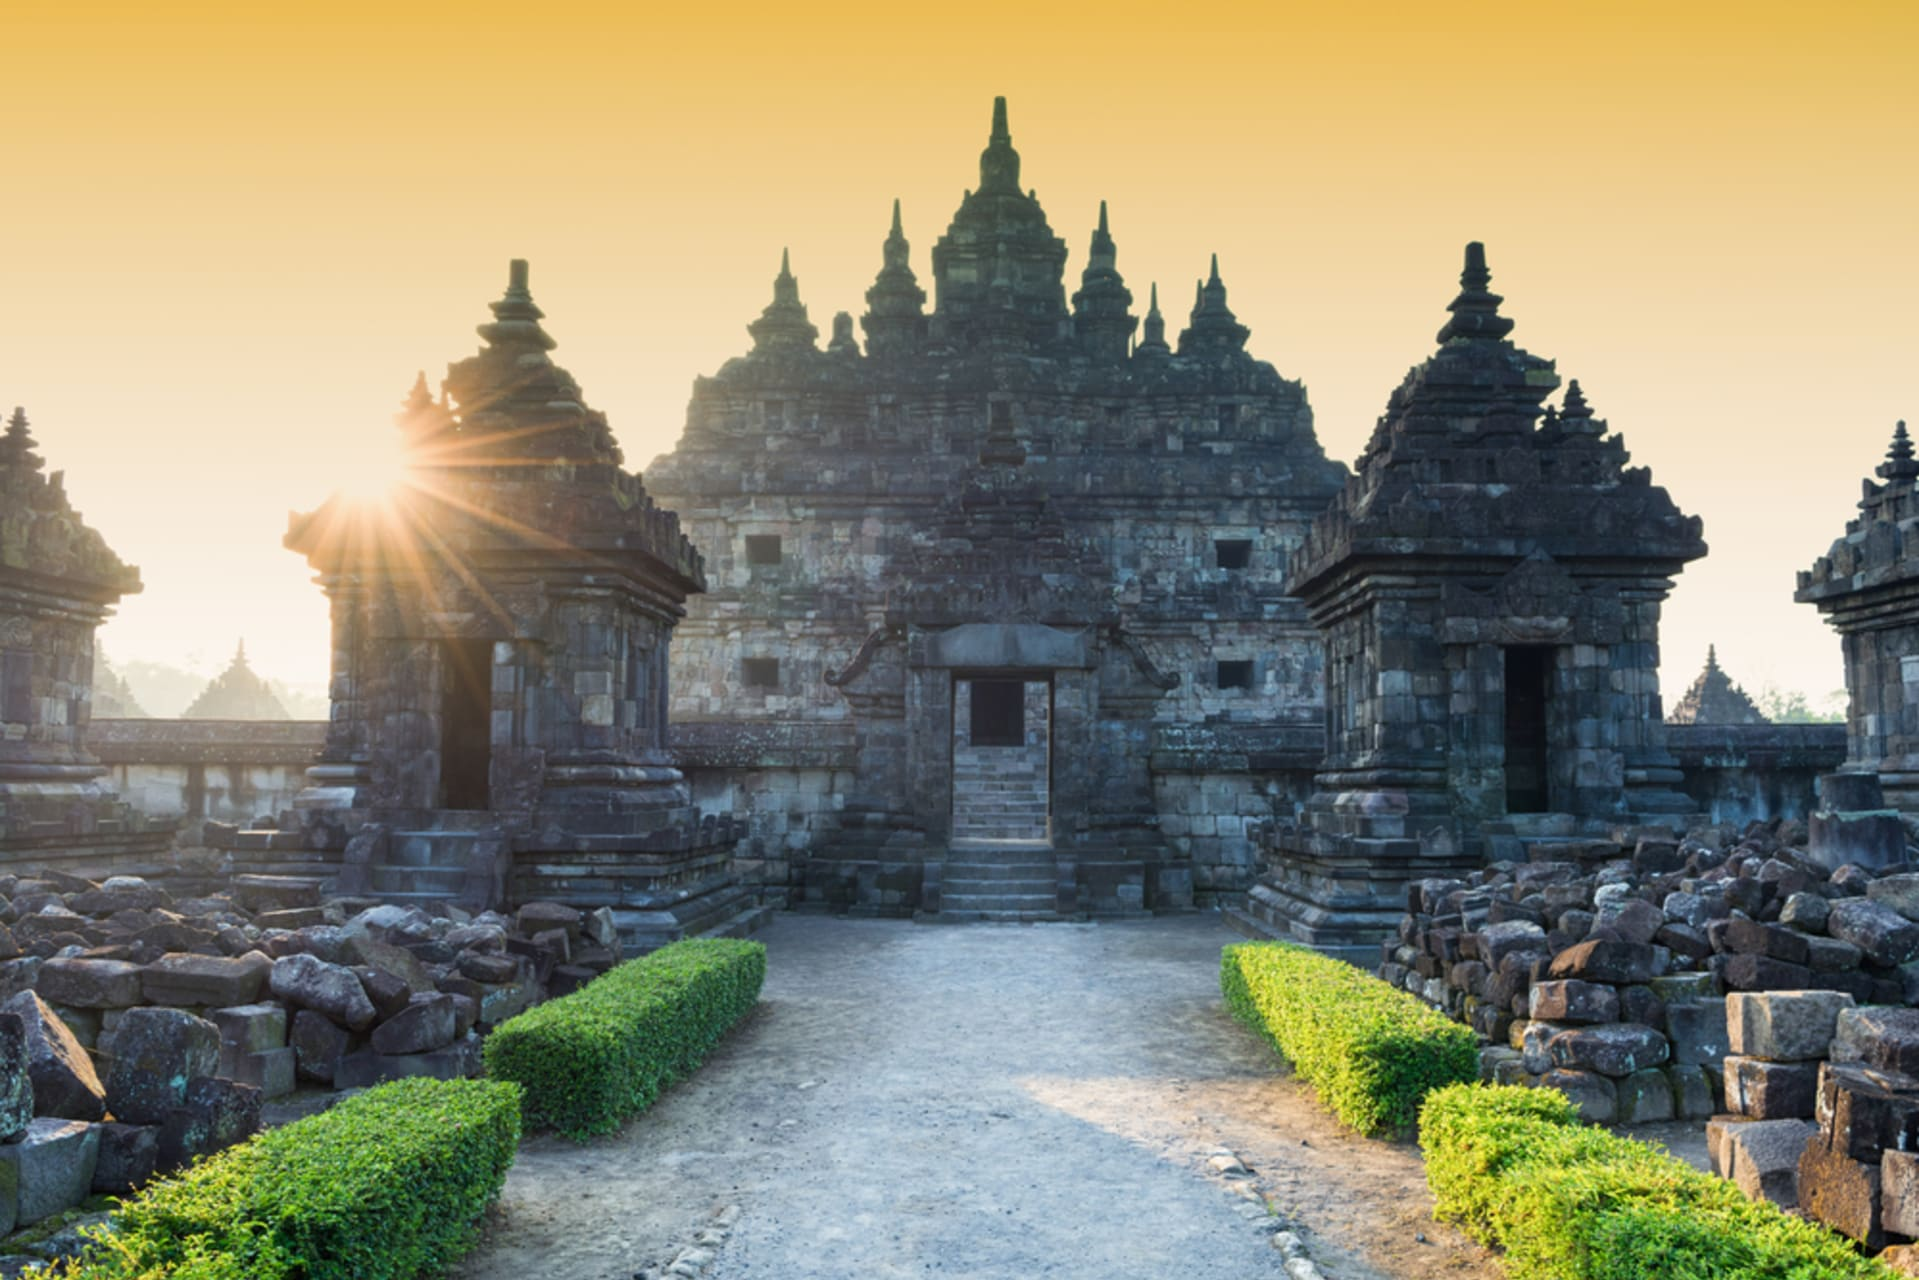 Yogyakarta - Tales of Two Temples - Sari and Plaosan